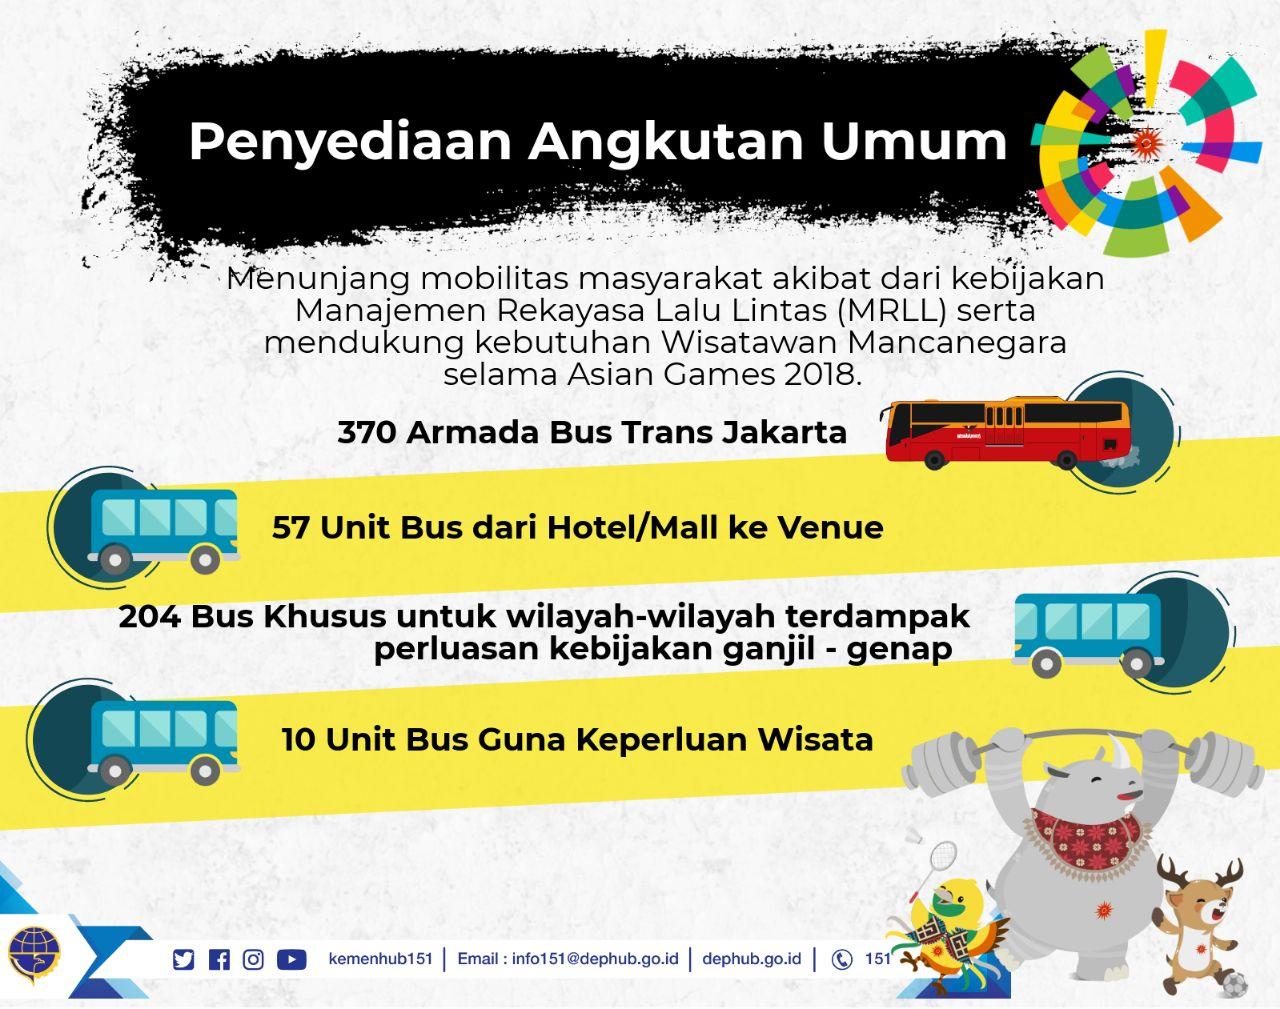 ANGKUTAN UMUM JAKARTA ASIAN GAMES 2018